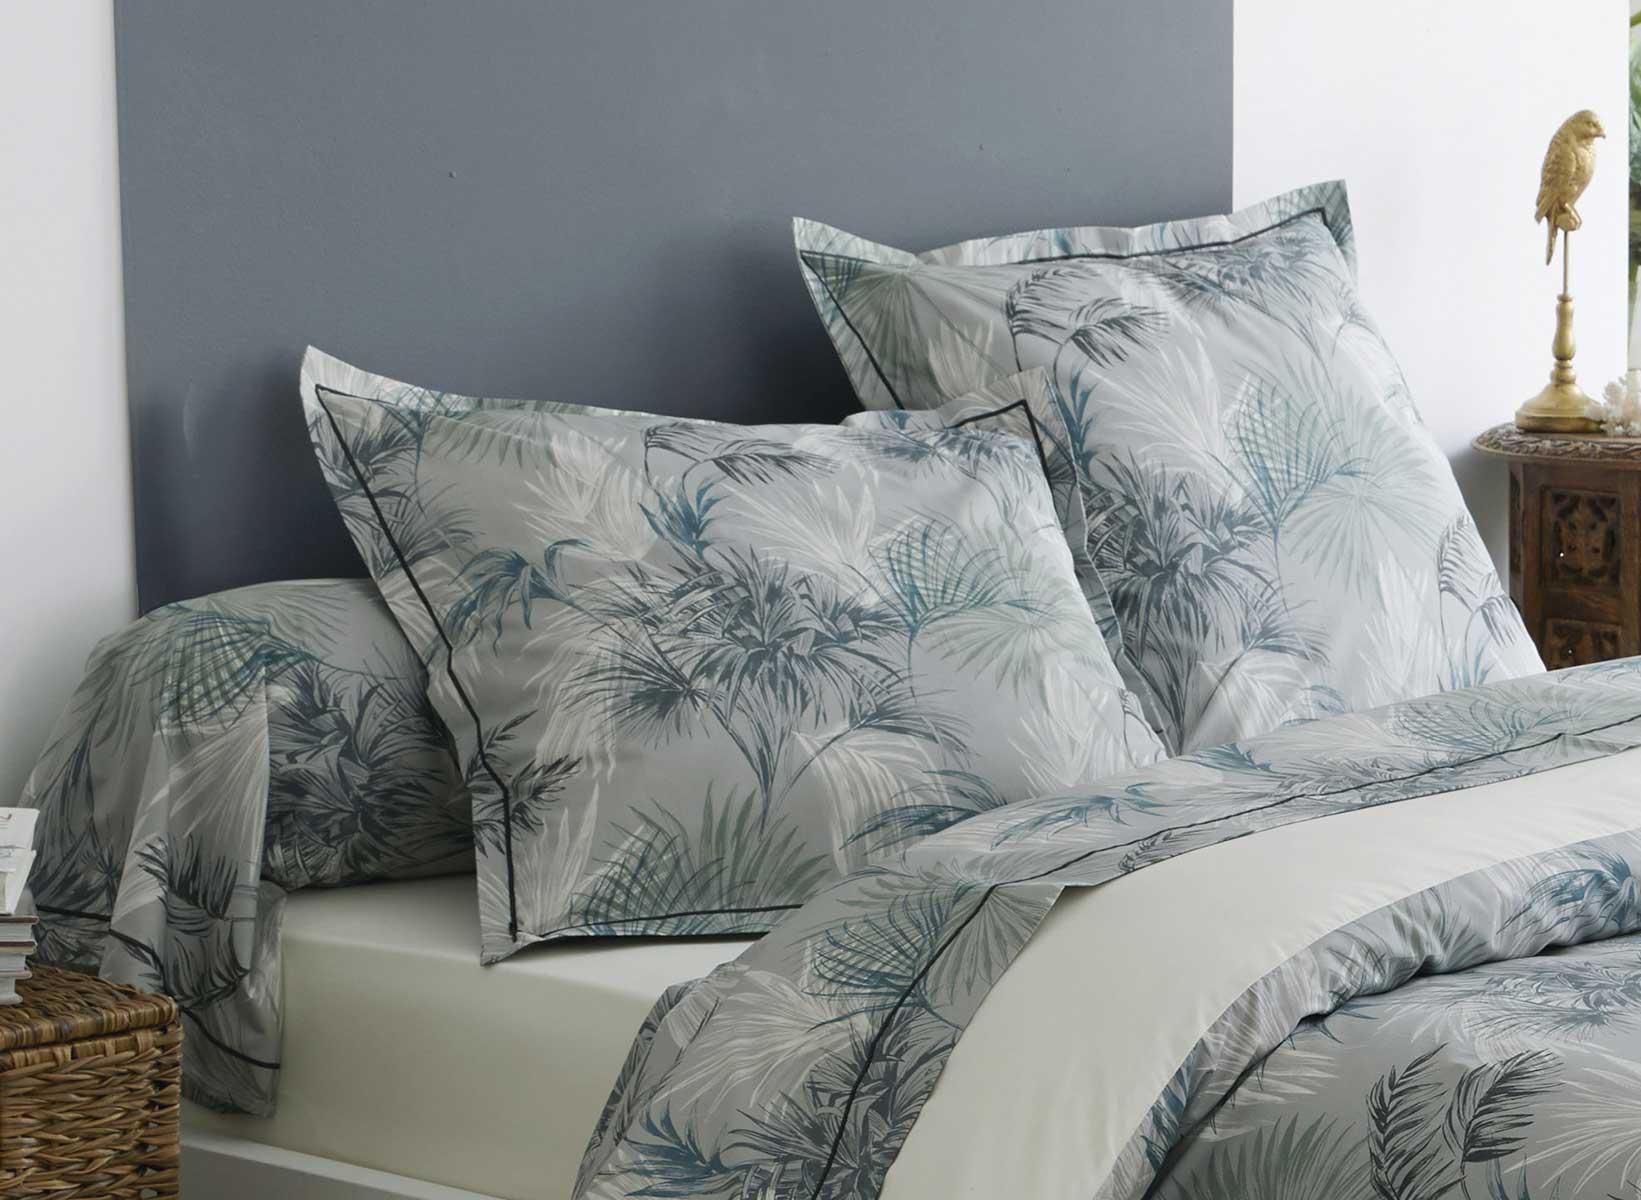 taie d oreiller feuillage tropical bleu vert. Black Bedroom Furniture Sets. Home Design Ideas